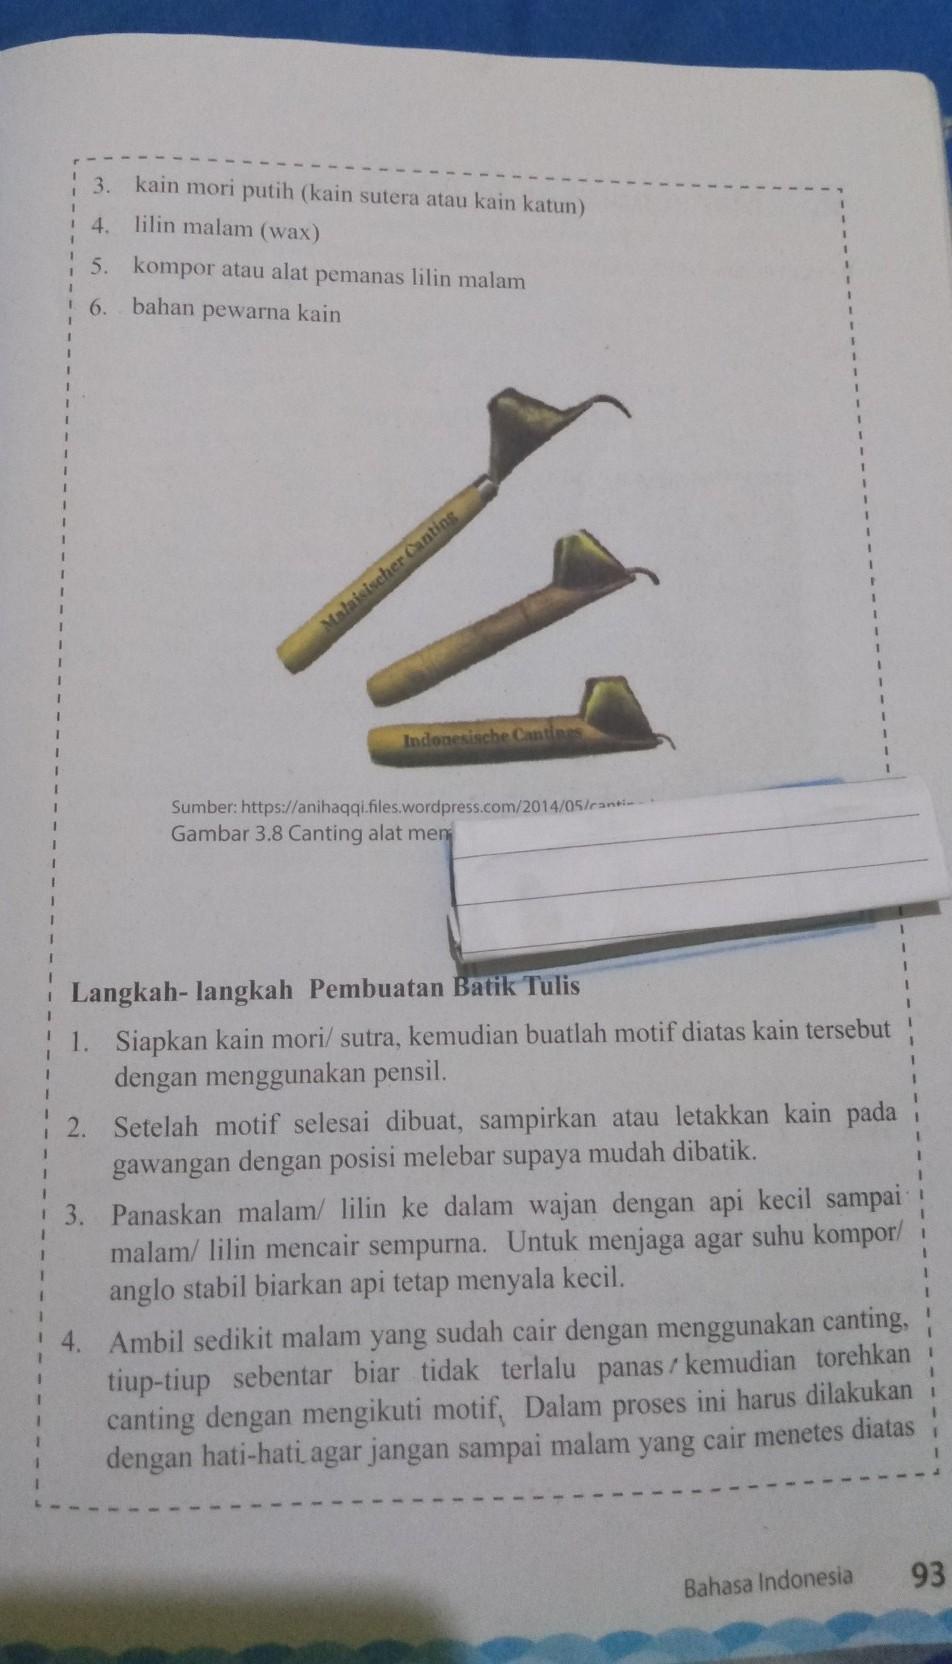 Teknik Membuat Batik Tulis : teknik, membuat, batik, tulis, Lanjutan, Membuat, Batik, Tulis, Brainly.co.id